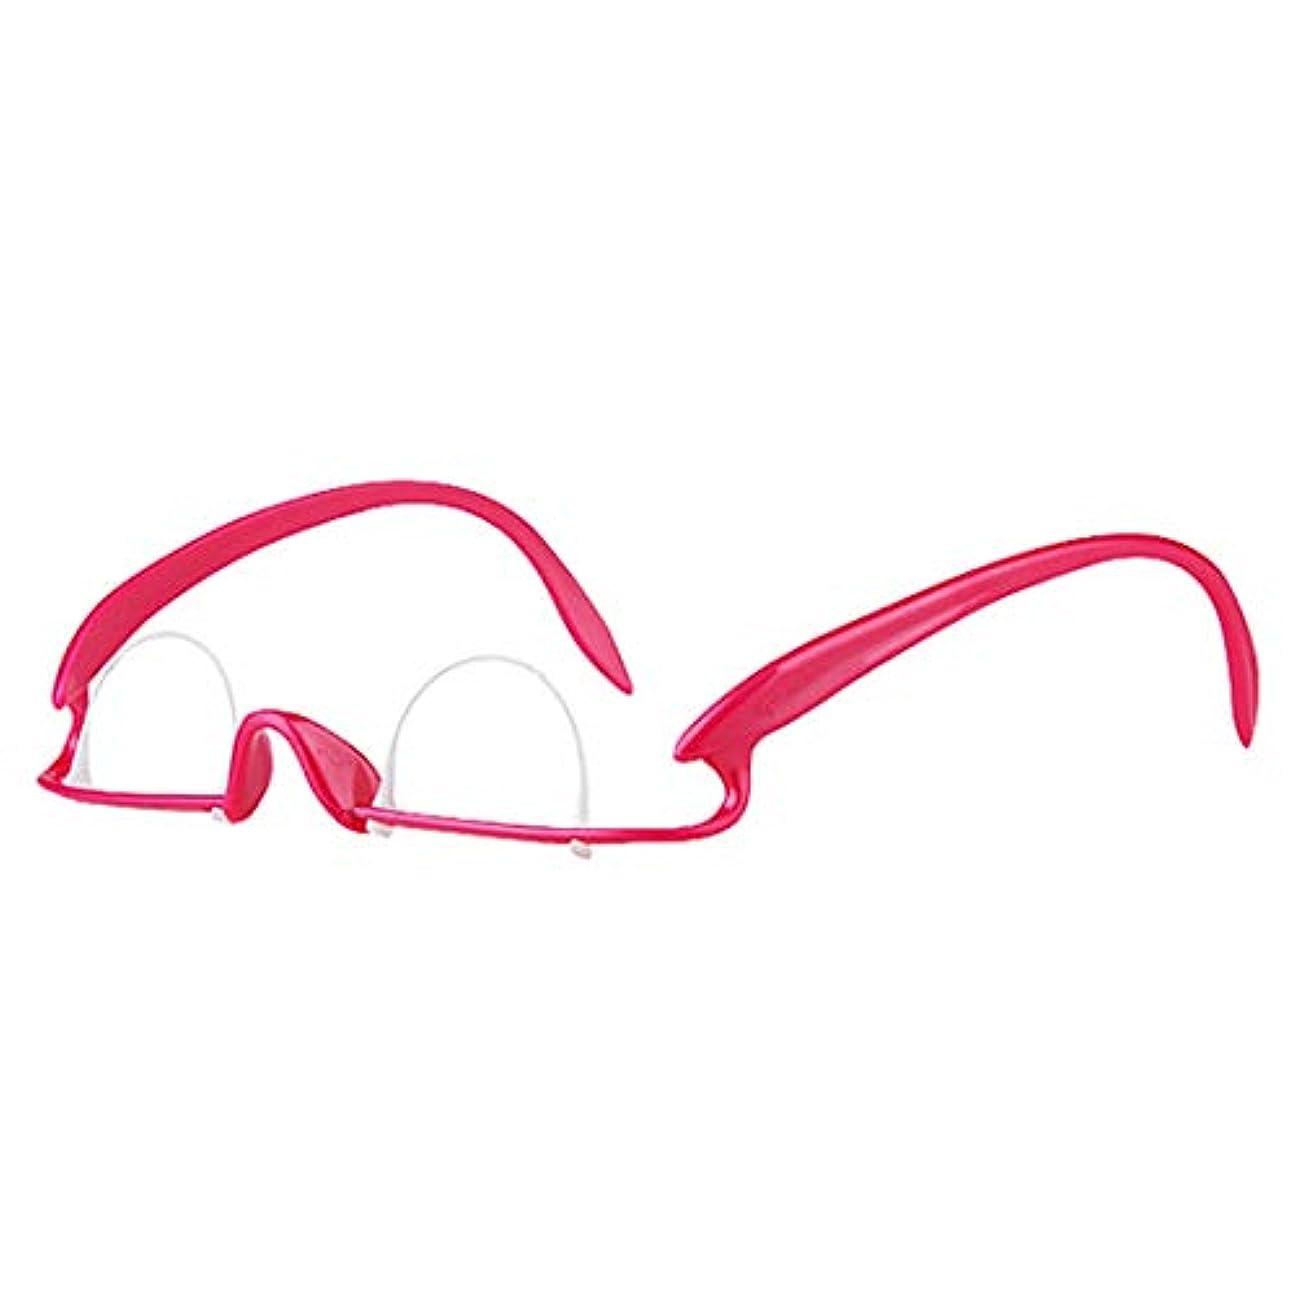 ゴール乱闘花瓶億騰 二重まぶた用メガネ 二重まぶた運動 二重まぶた形成 二重まぶた運動器 メガネトレーナー